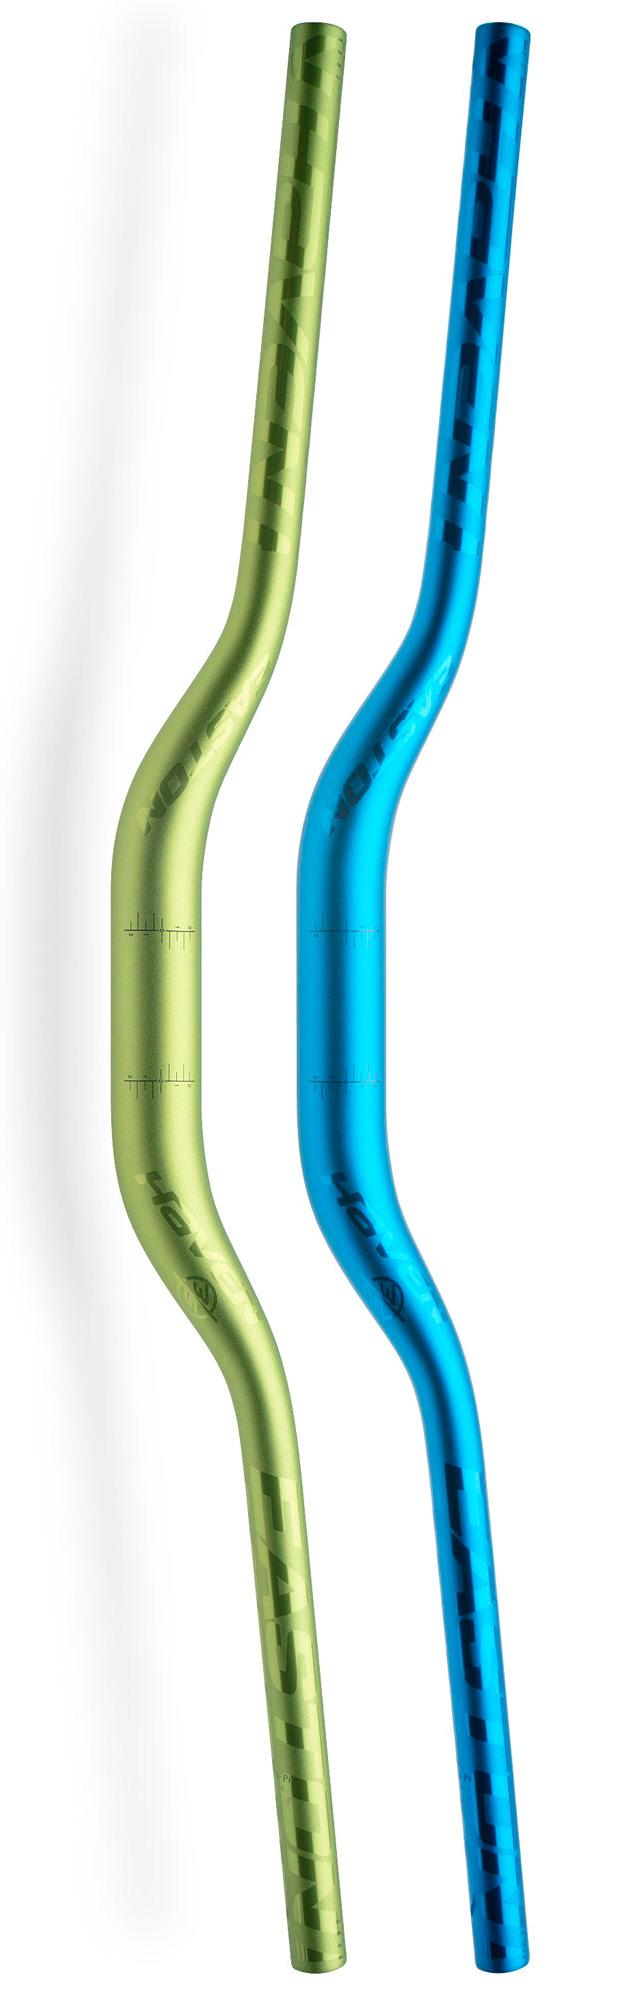 Easton Haven 35: Nueva y espectacular gama de manillares de 35 milímetros